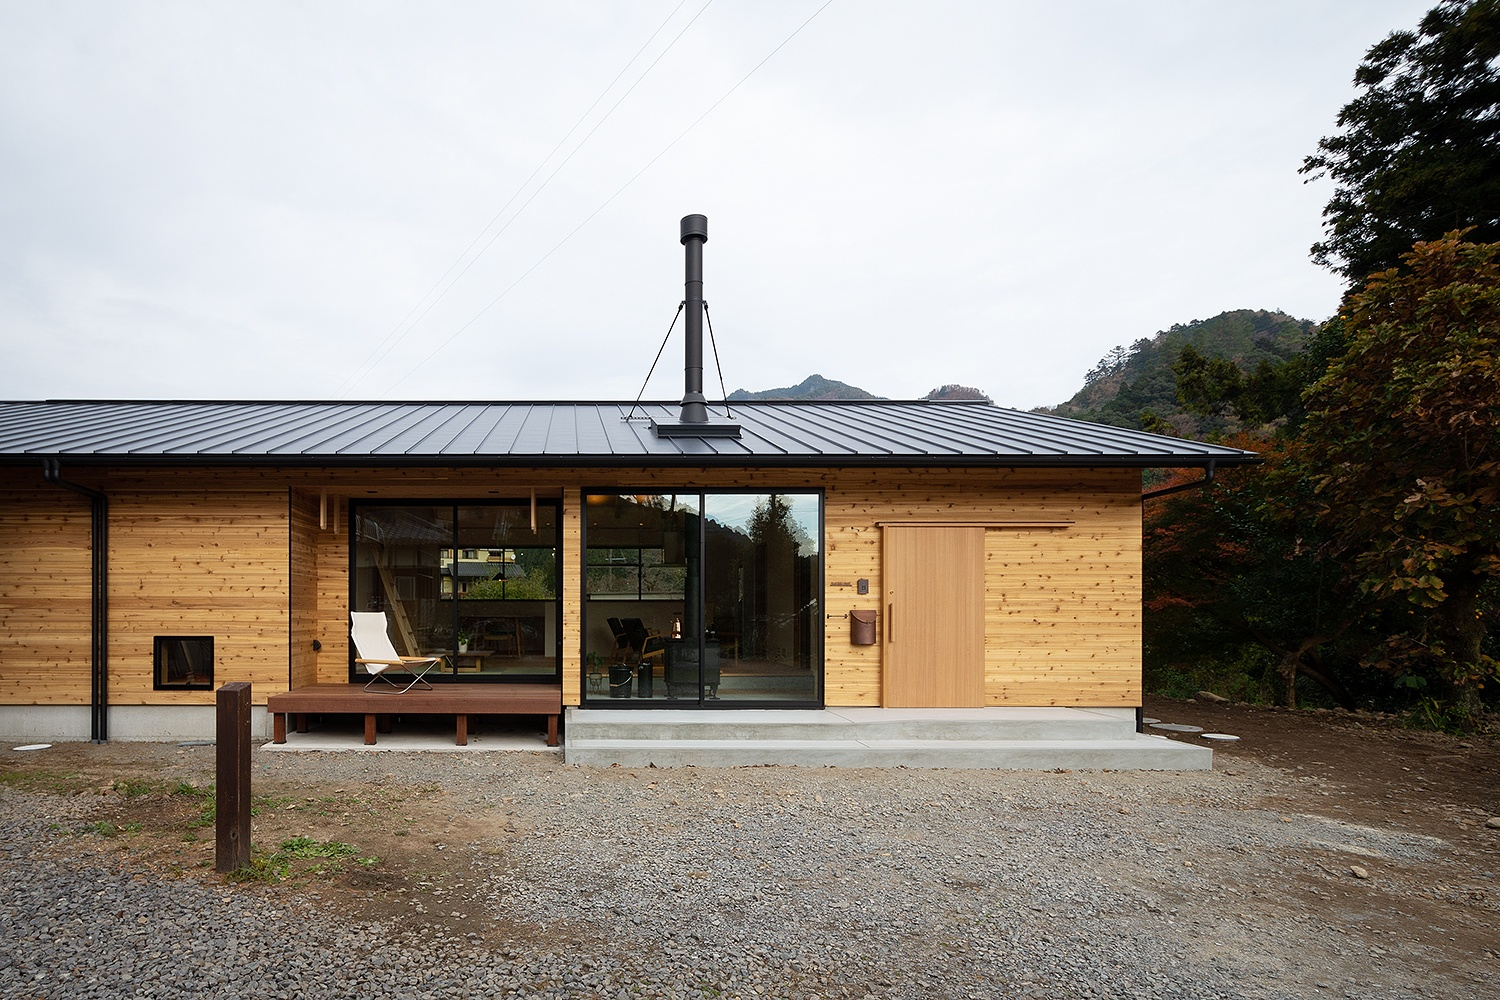 煙突のある木造の平屋の別荘